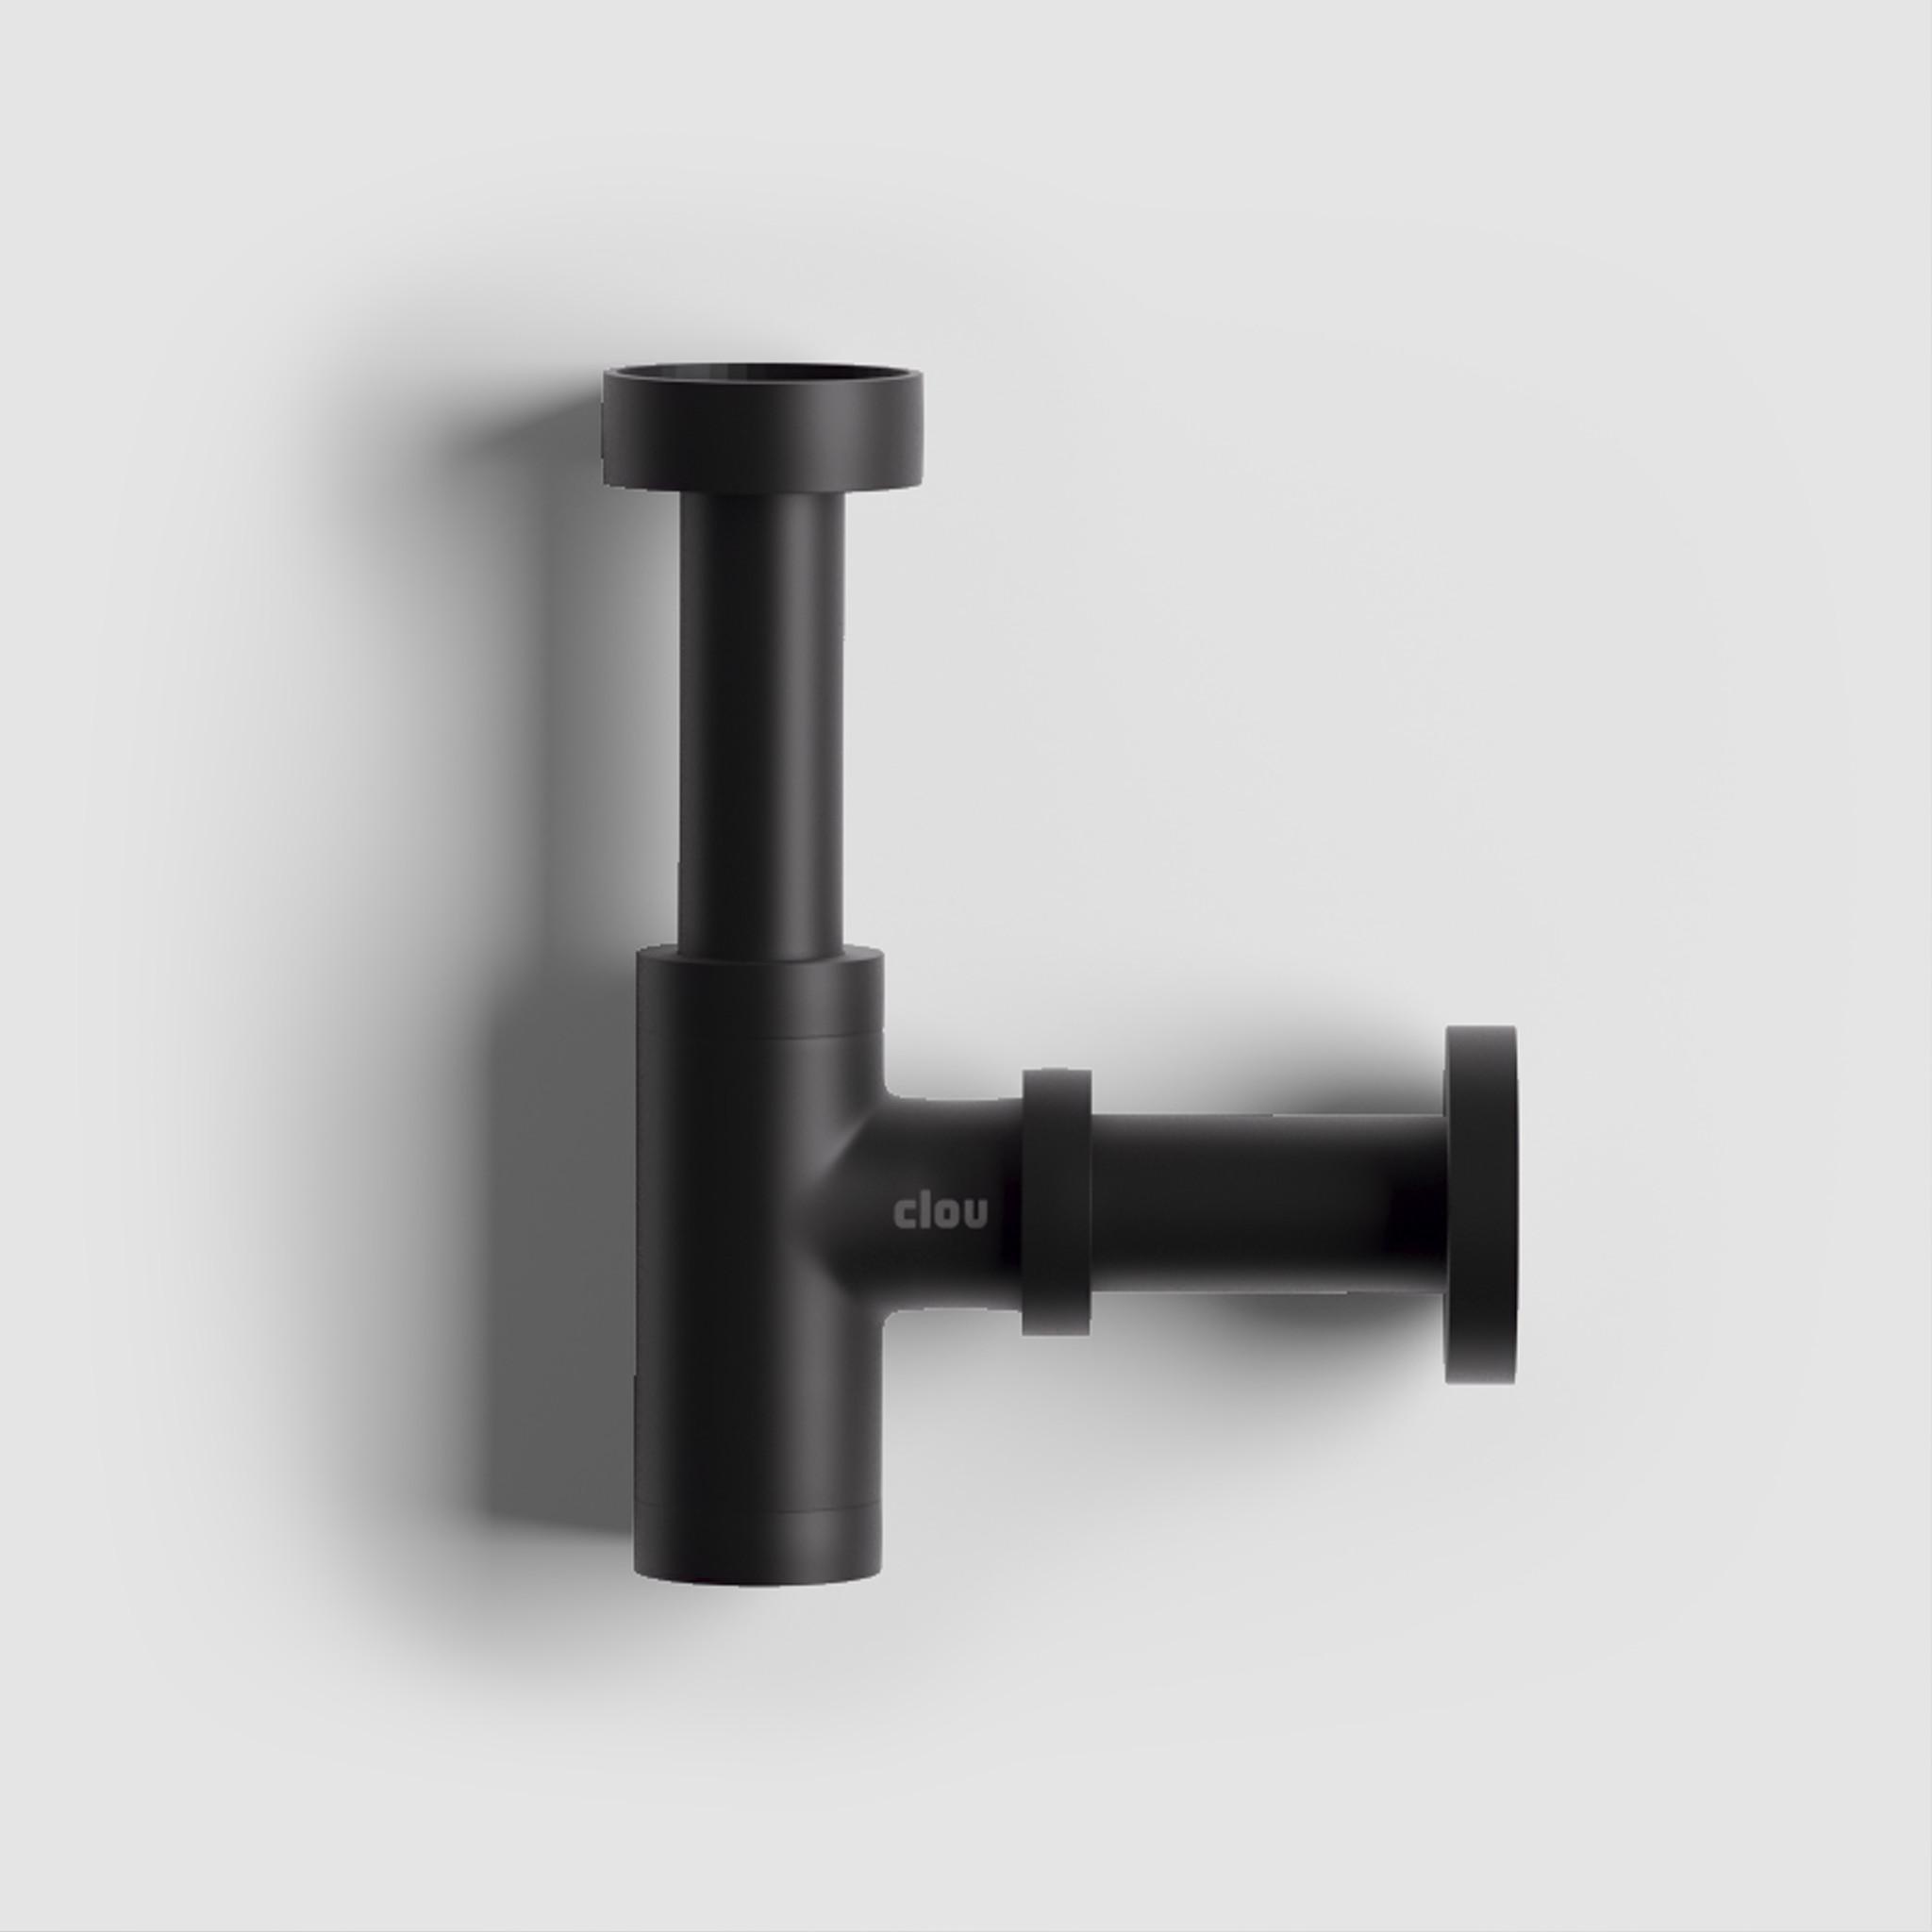 Minisuk fonteinsifon